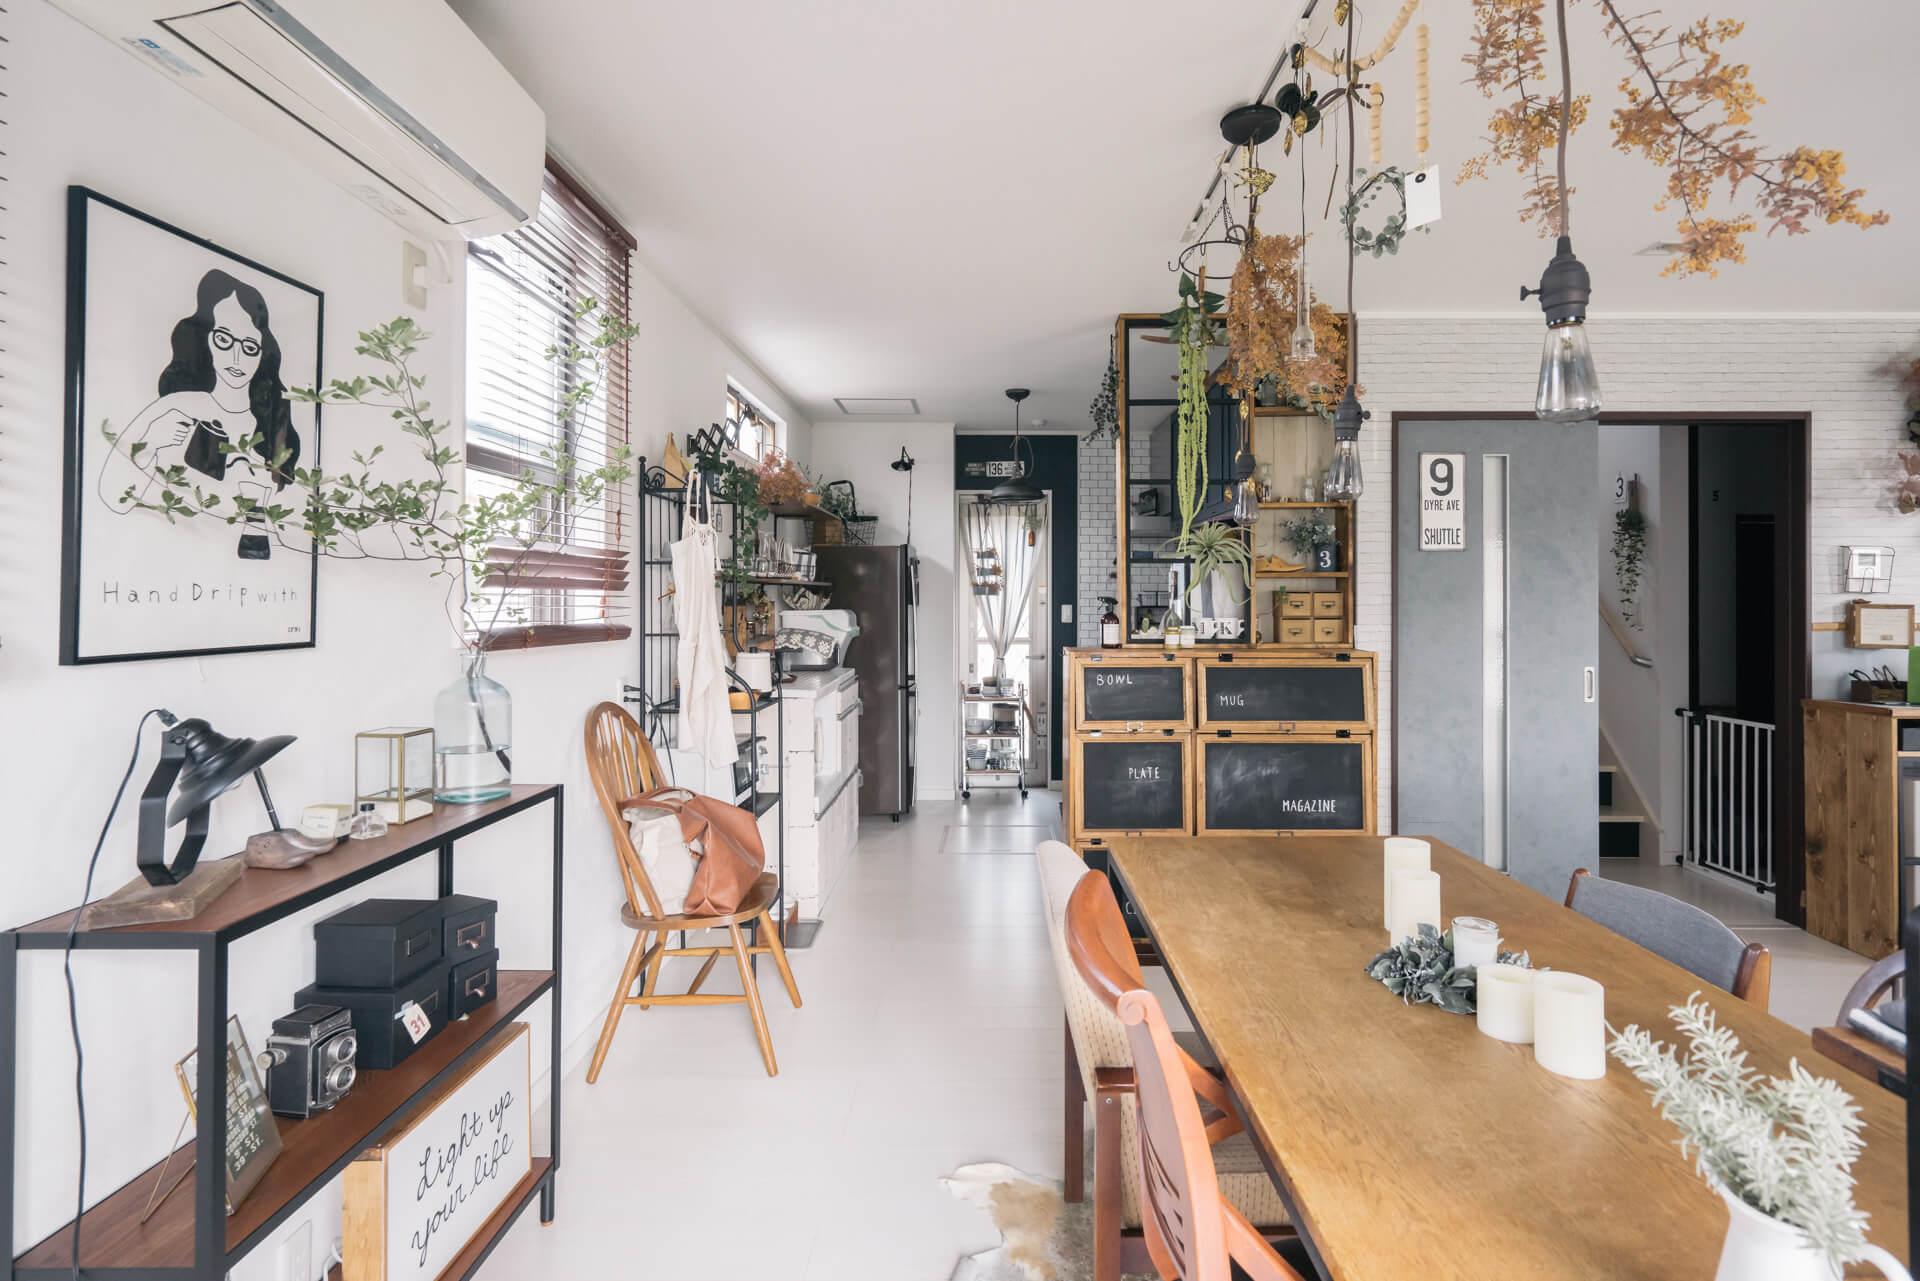 ダイニングからキッチンが丸見えにならないように、収納も兼ねるパーテーションを自作。